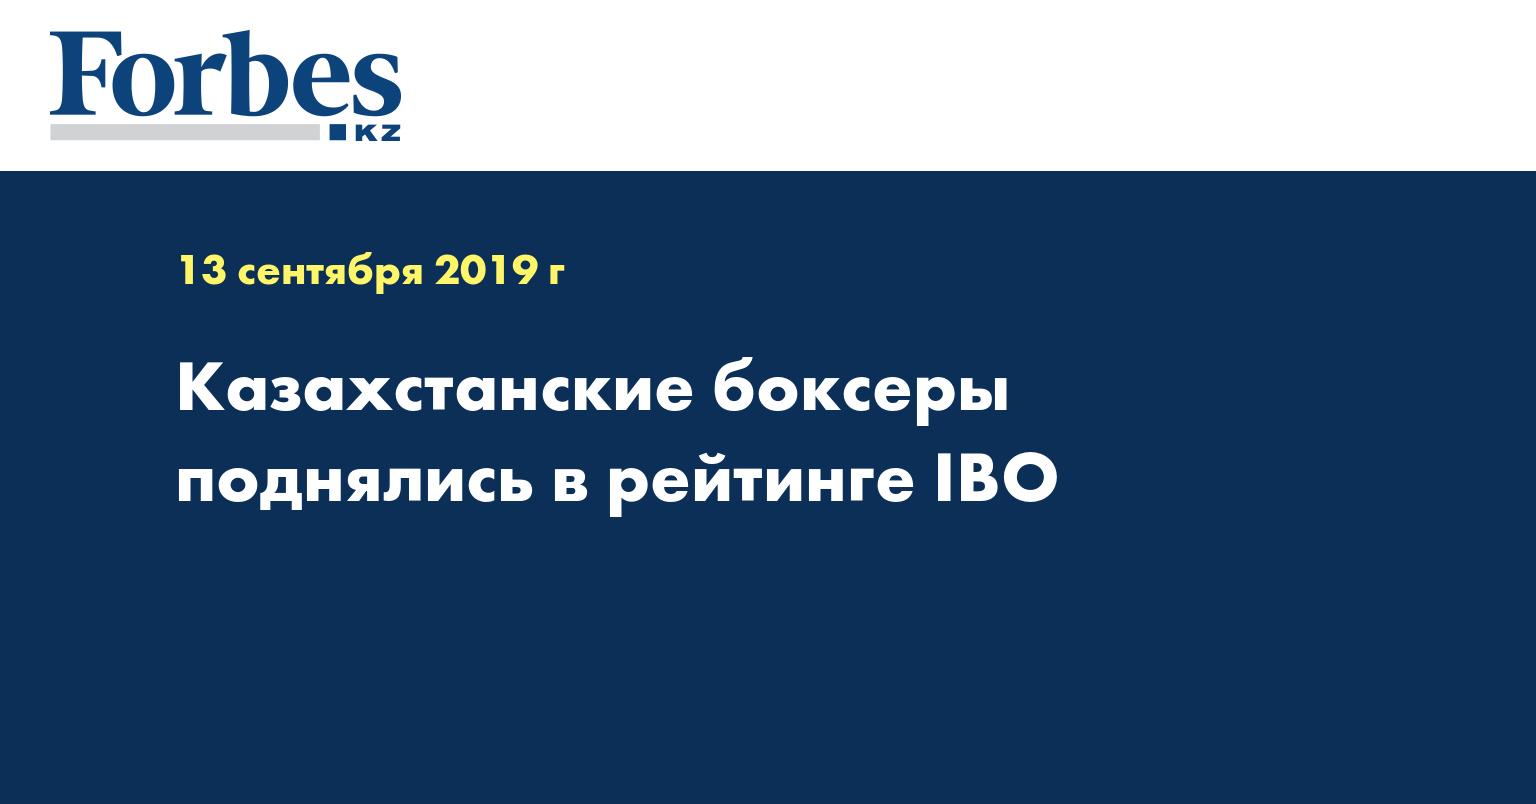 Казахстанские боксеры поднялись в рейтинге IBO